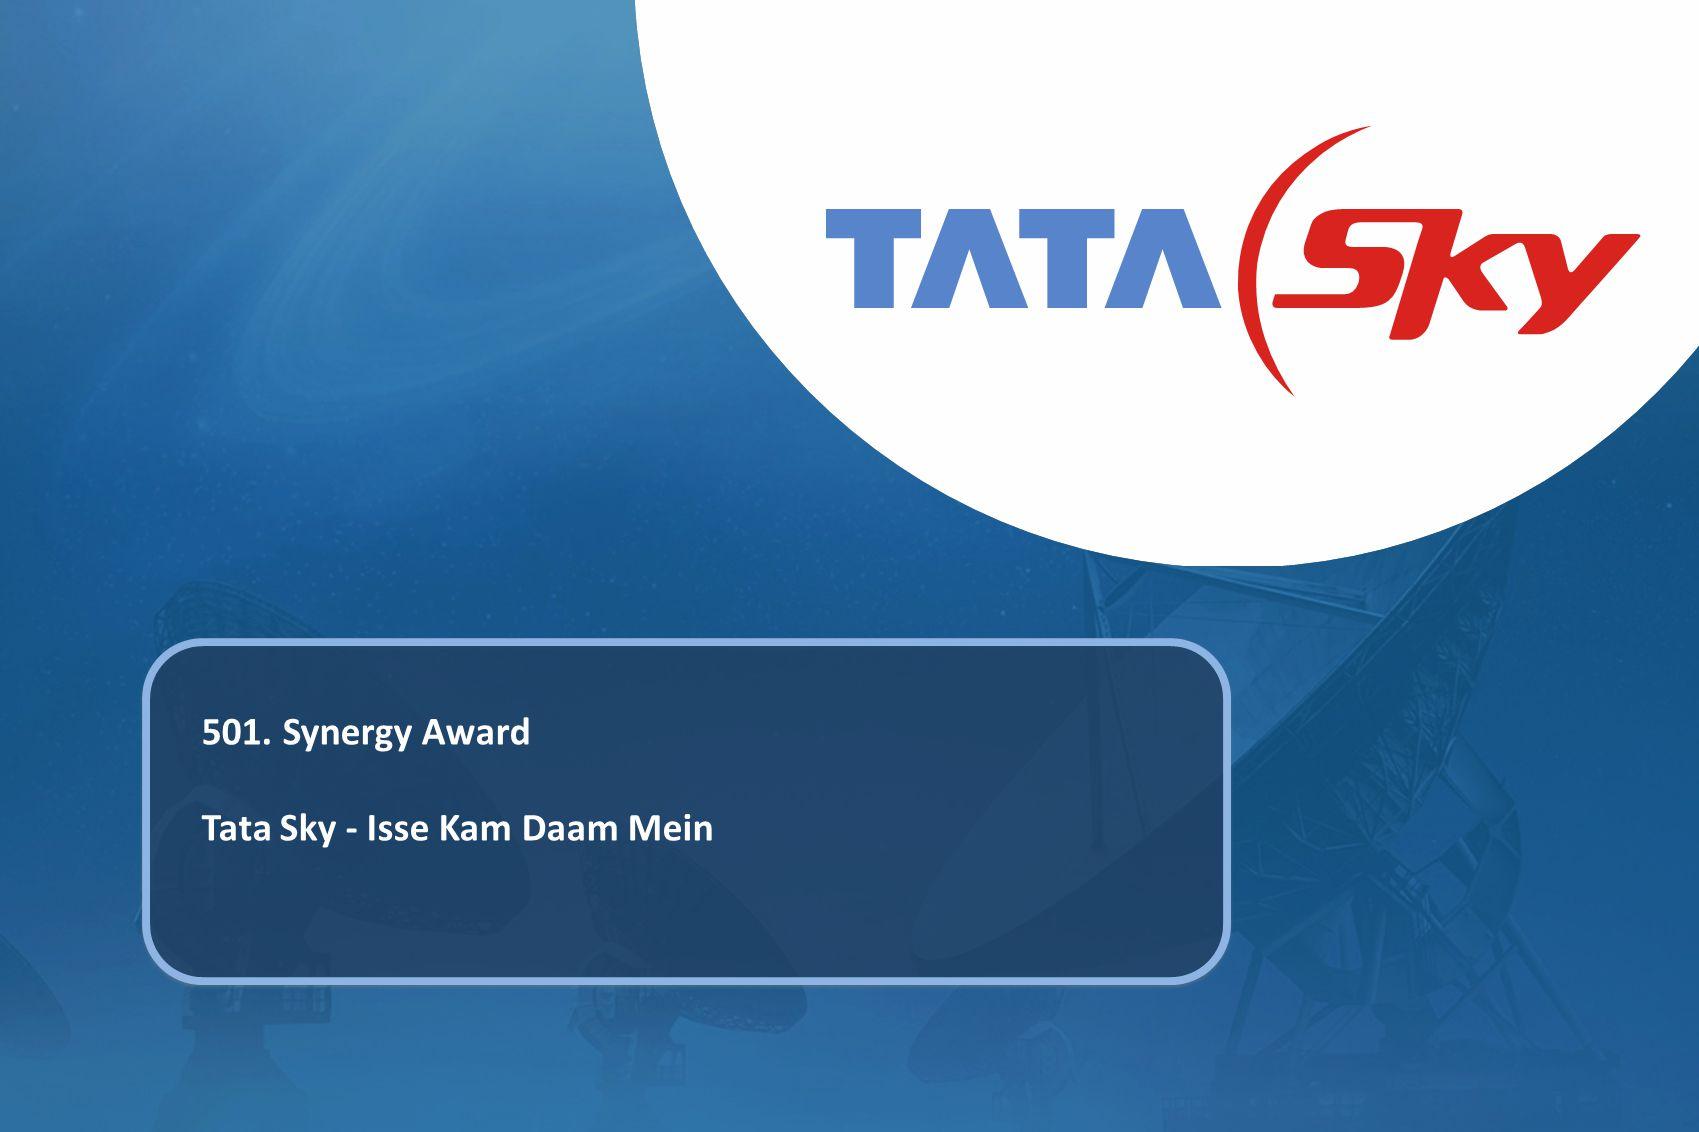 501. Synergy Award Tata Sky - Isse Kam Daam Mein